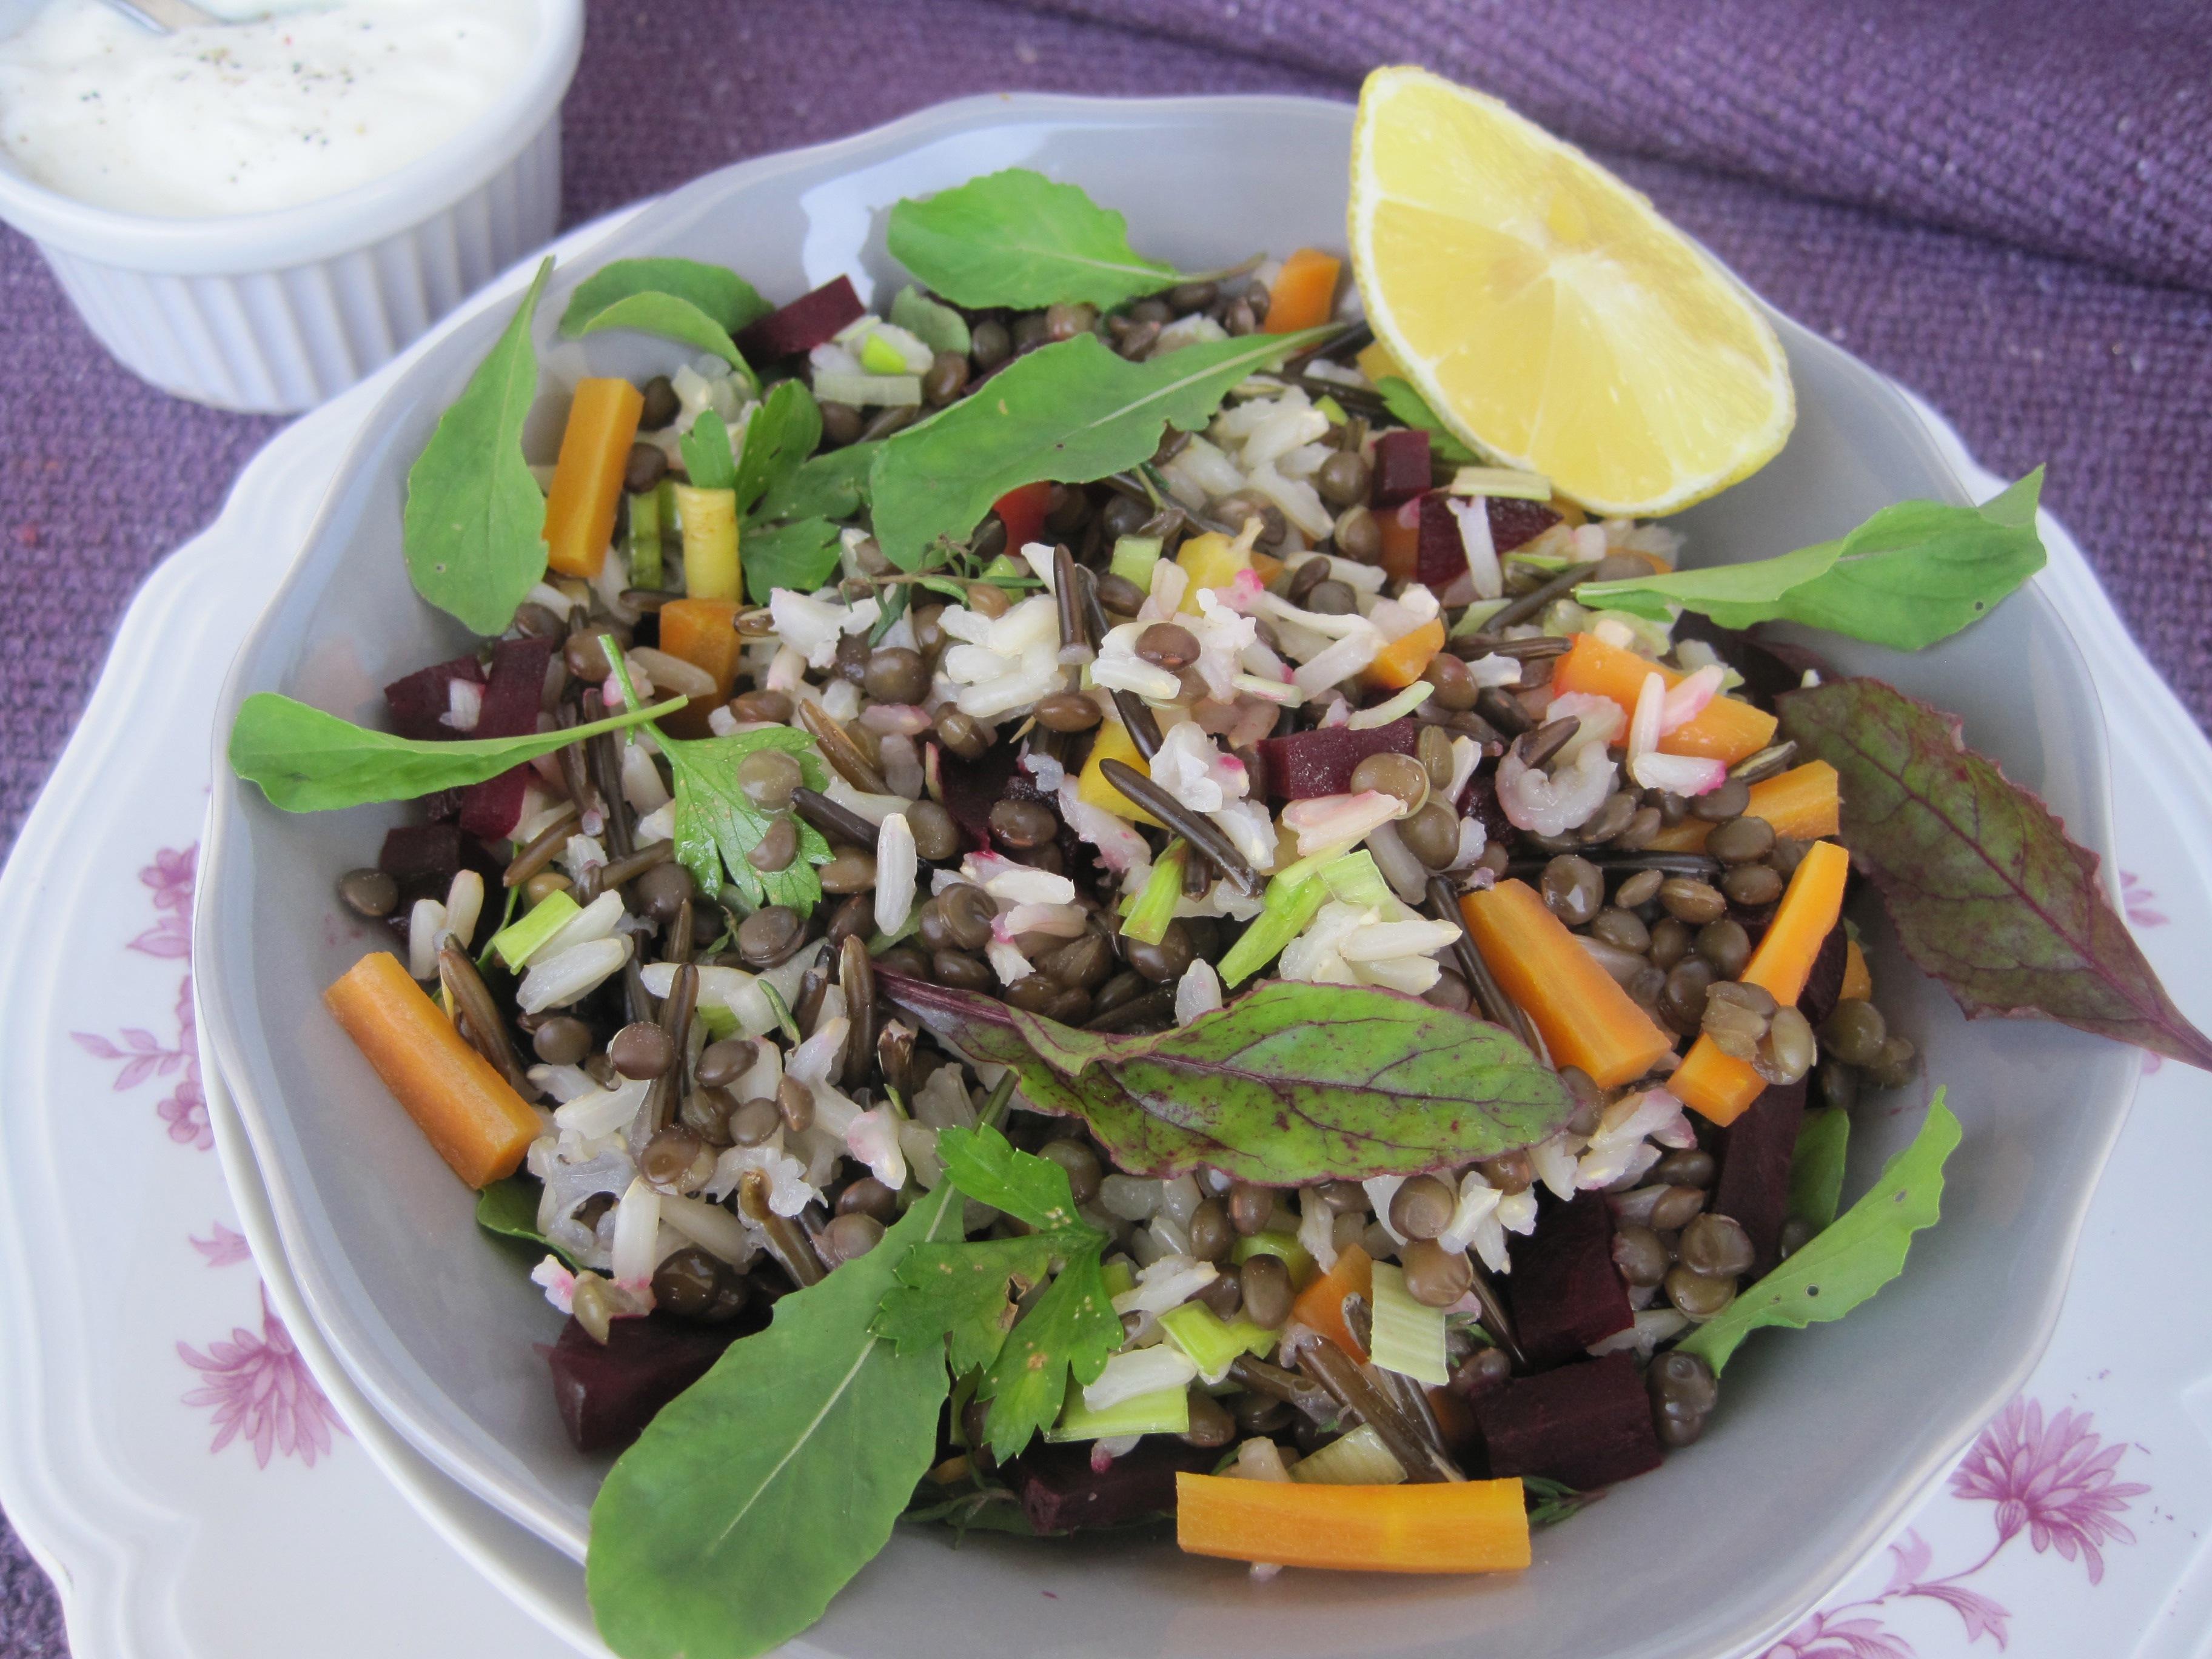 Hladna riževa solata z črnolečo